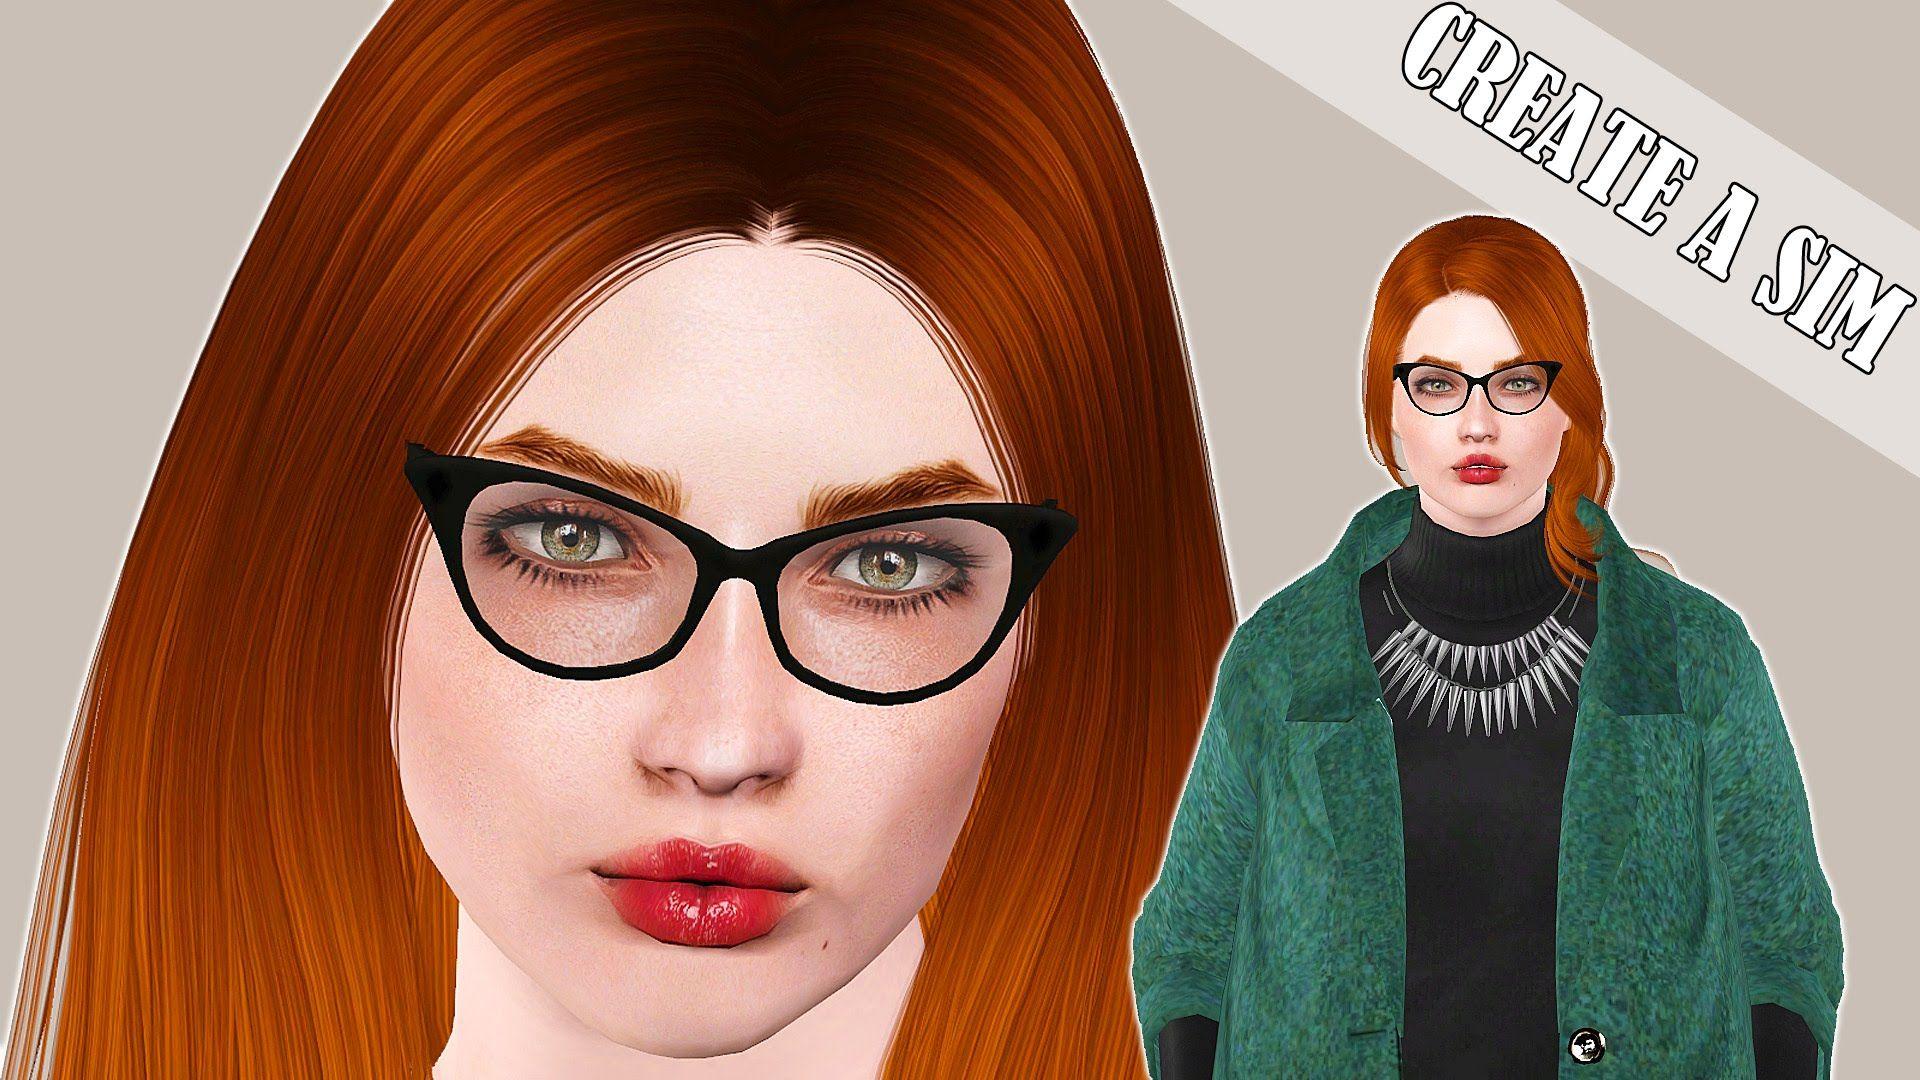 The Sims 3 Create a Sim Modern Artist D